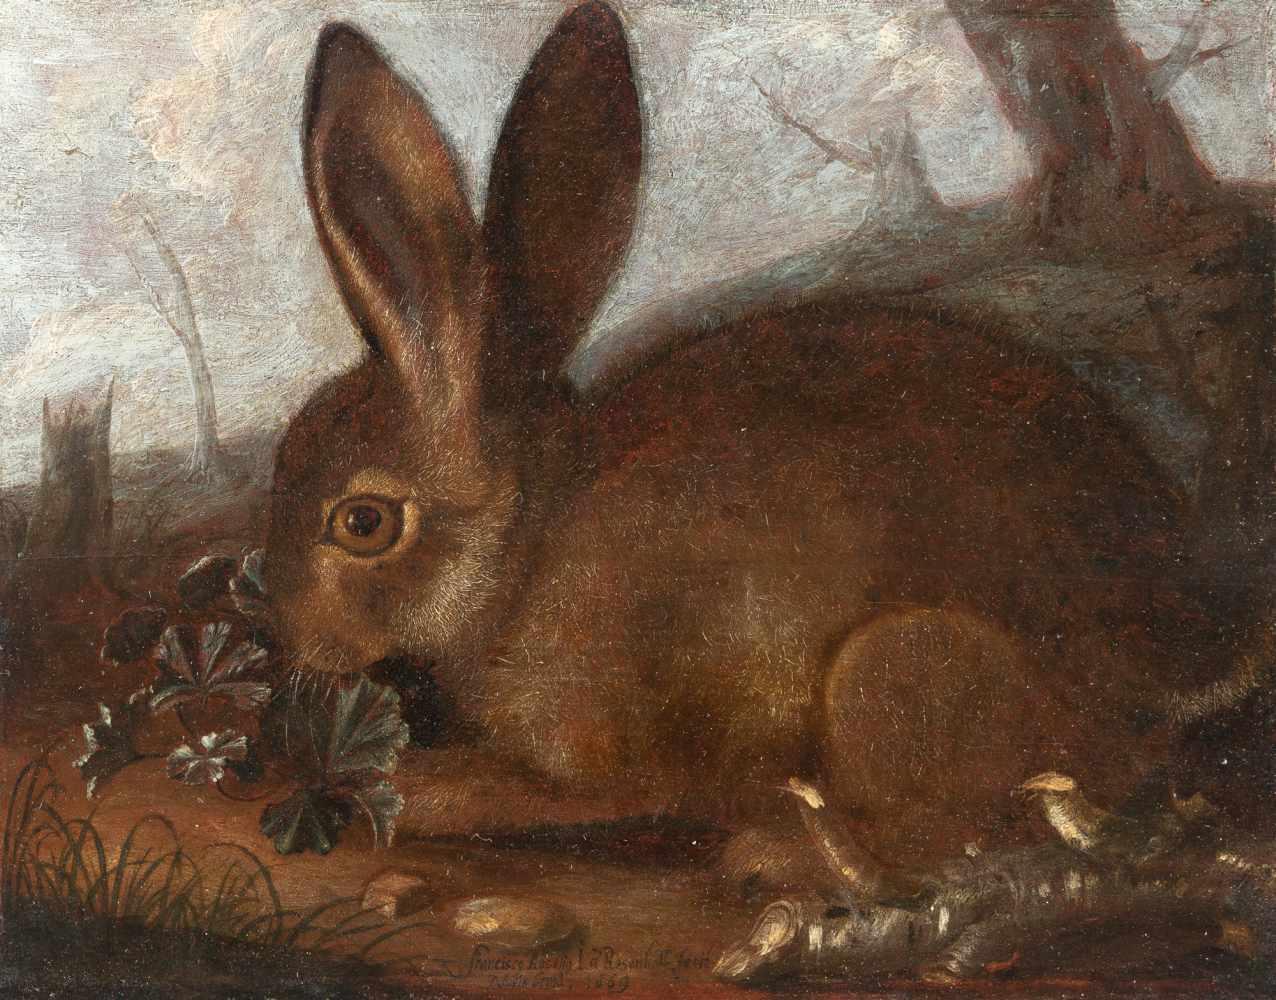 Los 32 - Franz Rösel Von Rosenhof1626 Vienna - Nuremberg 1700Kleiner Hase, an einem Klee knabberndÖl auf